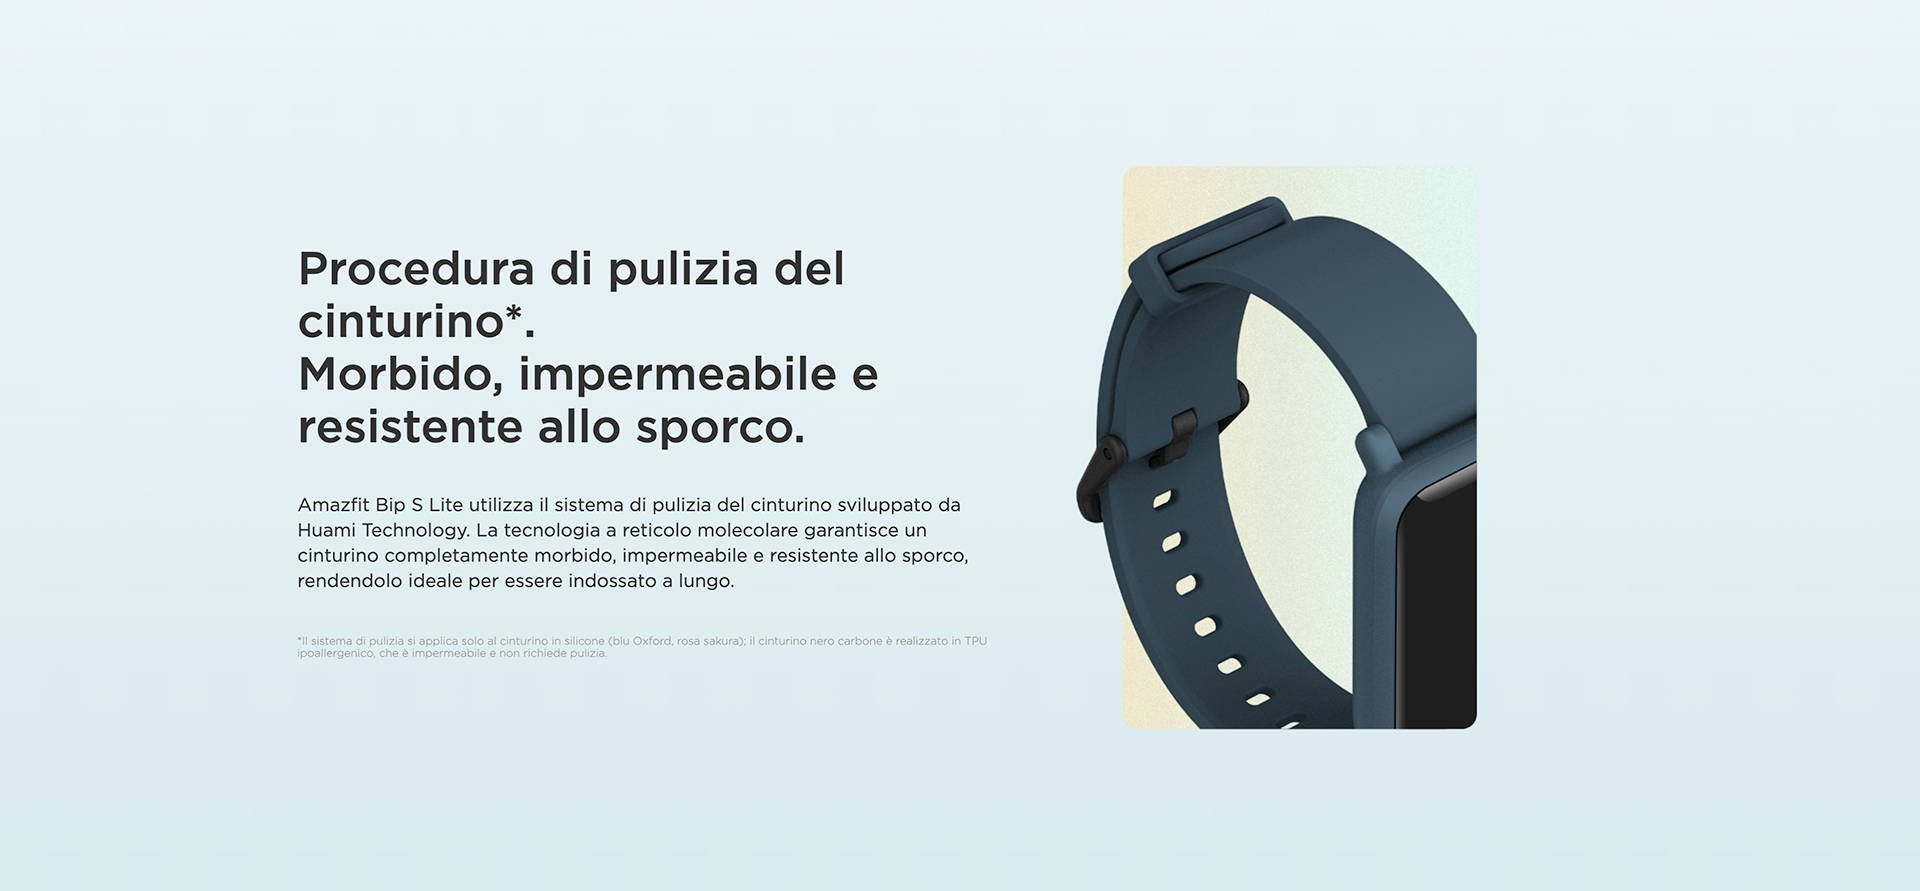 Amazfit IT - Amazfit Bip S Lite - Procedura di pulizia del cinturino. | Morbido, impermeabile e resistente allo sporco.